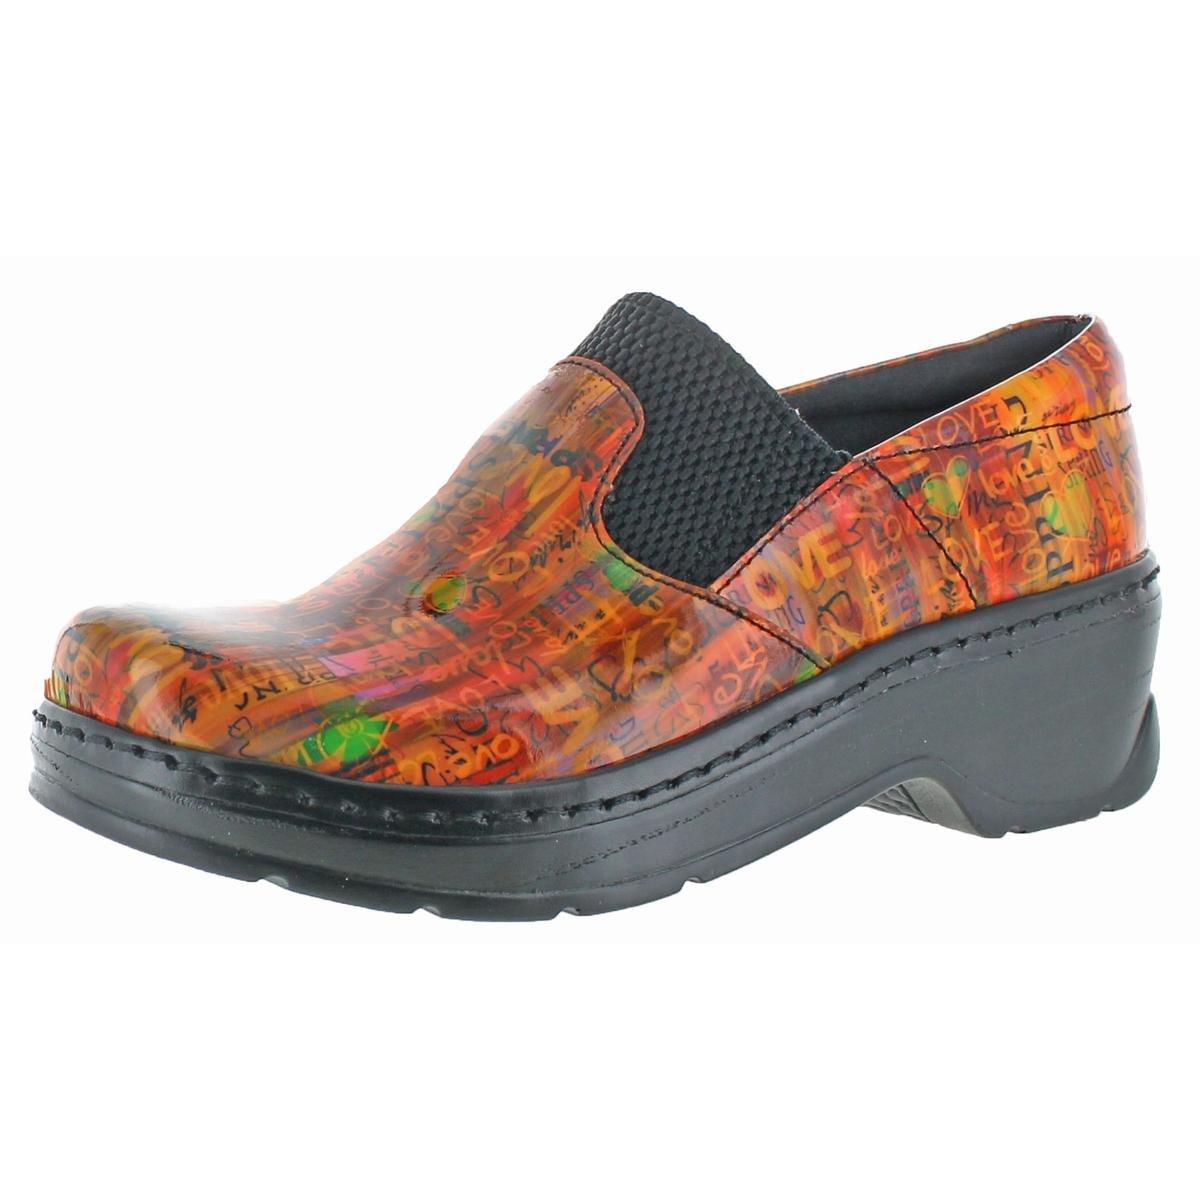 Klogs Footwear Women's Imperial Spring Love Patent Clog/Mule